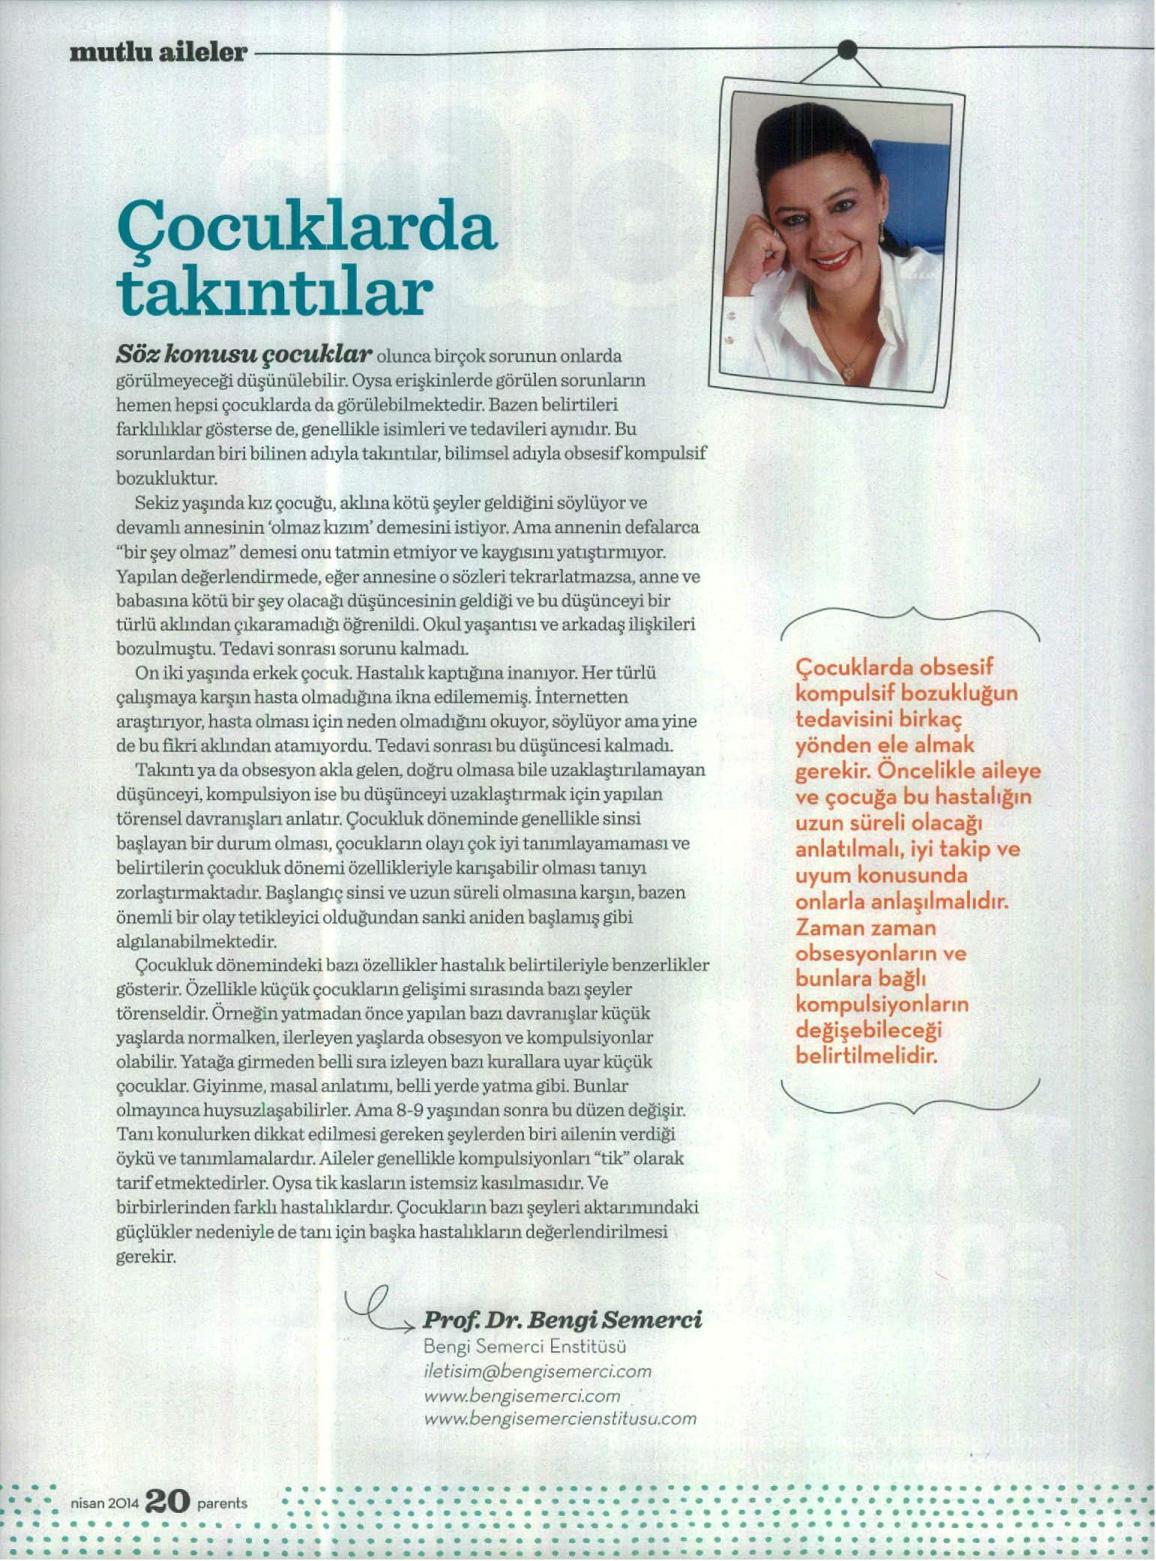 Çocuklarda takıntılar - PARENTS 01.04.2014